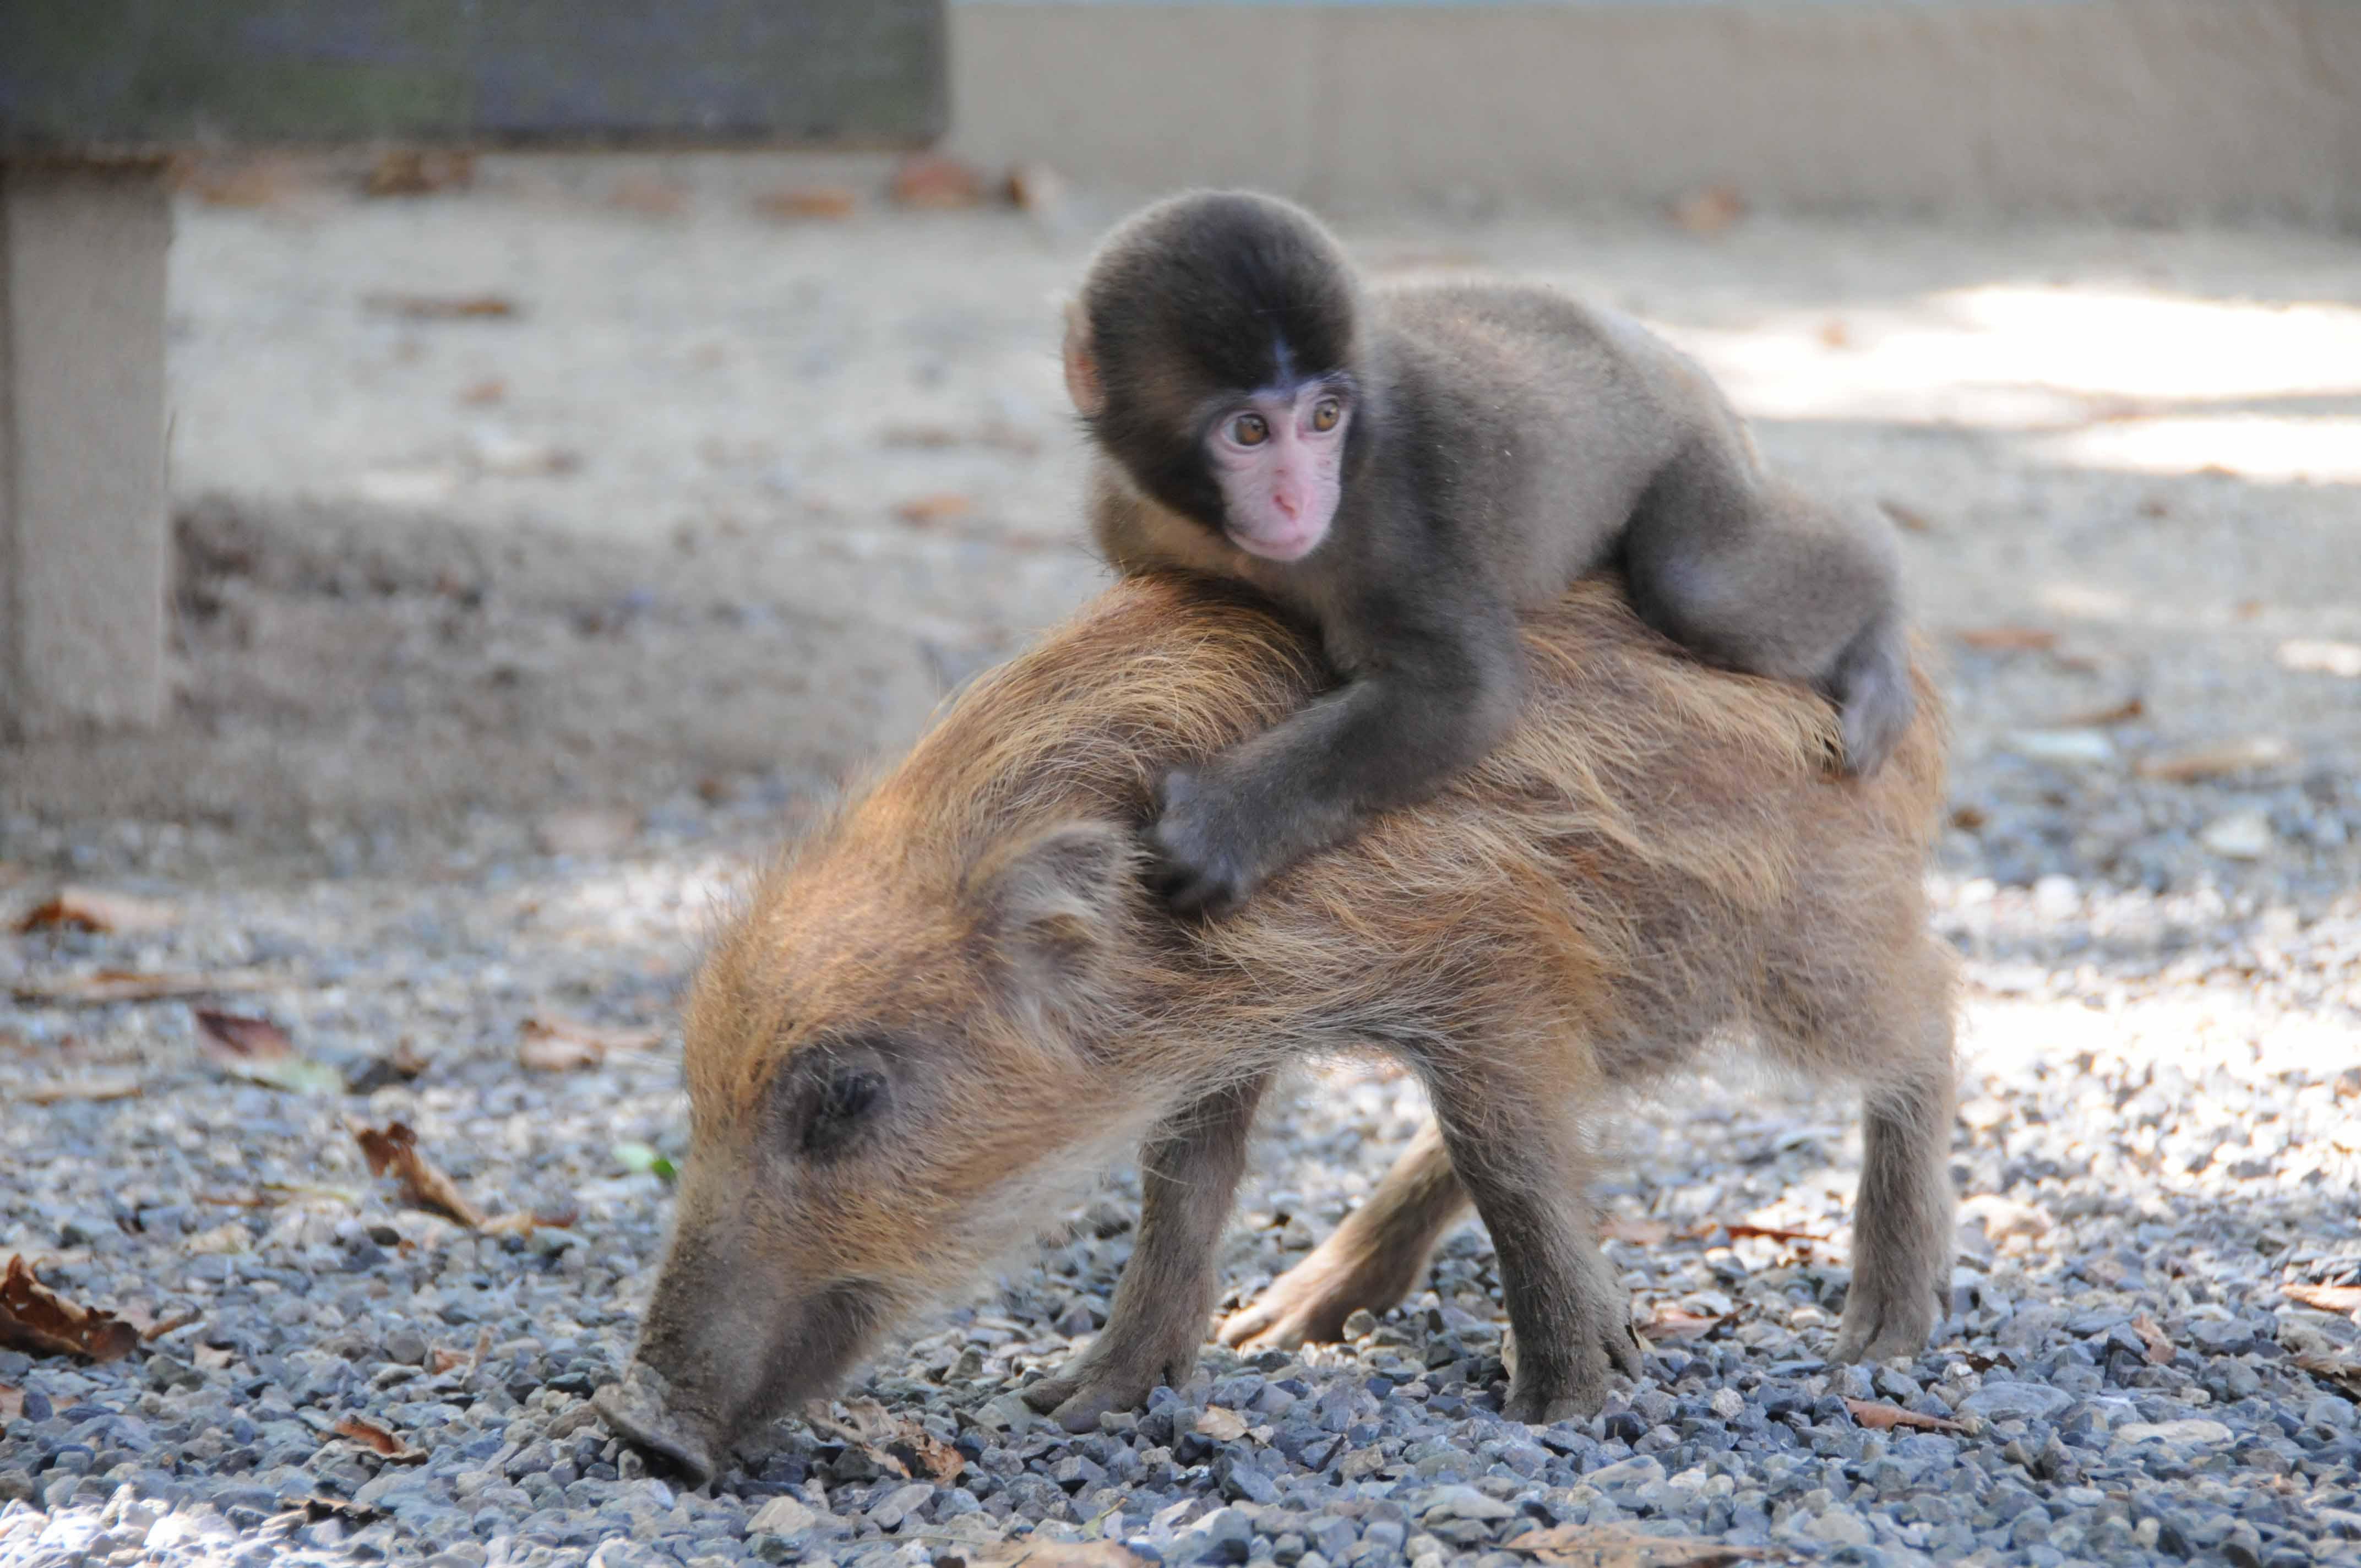 ウリ坊と子猿のみわちゃん「リアル鬼ごっこ」に強制参加!